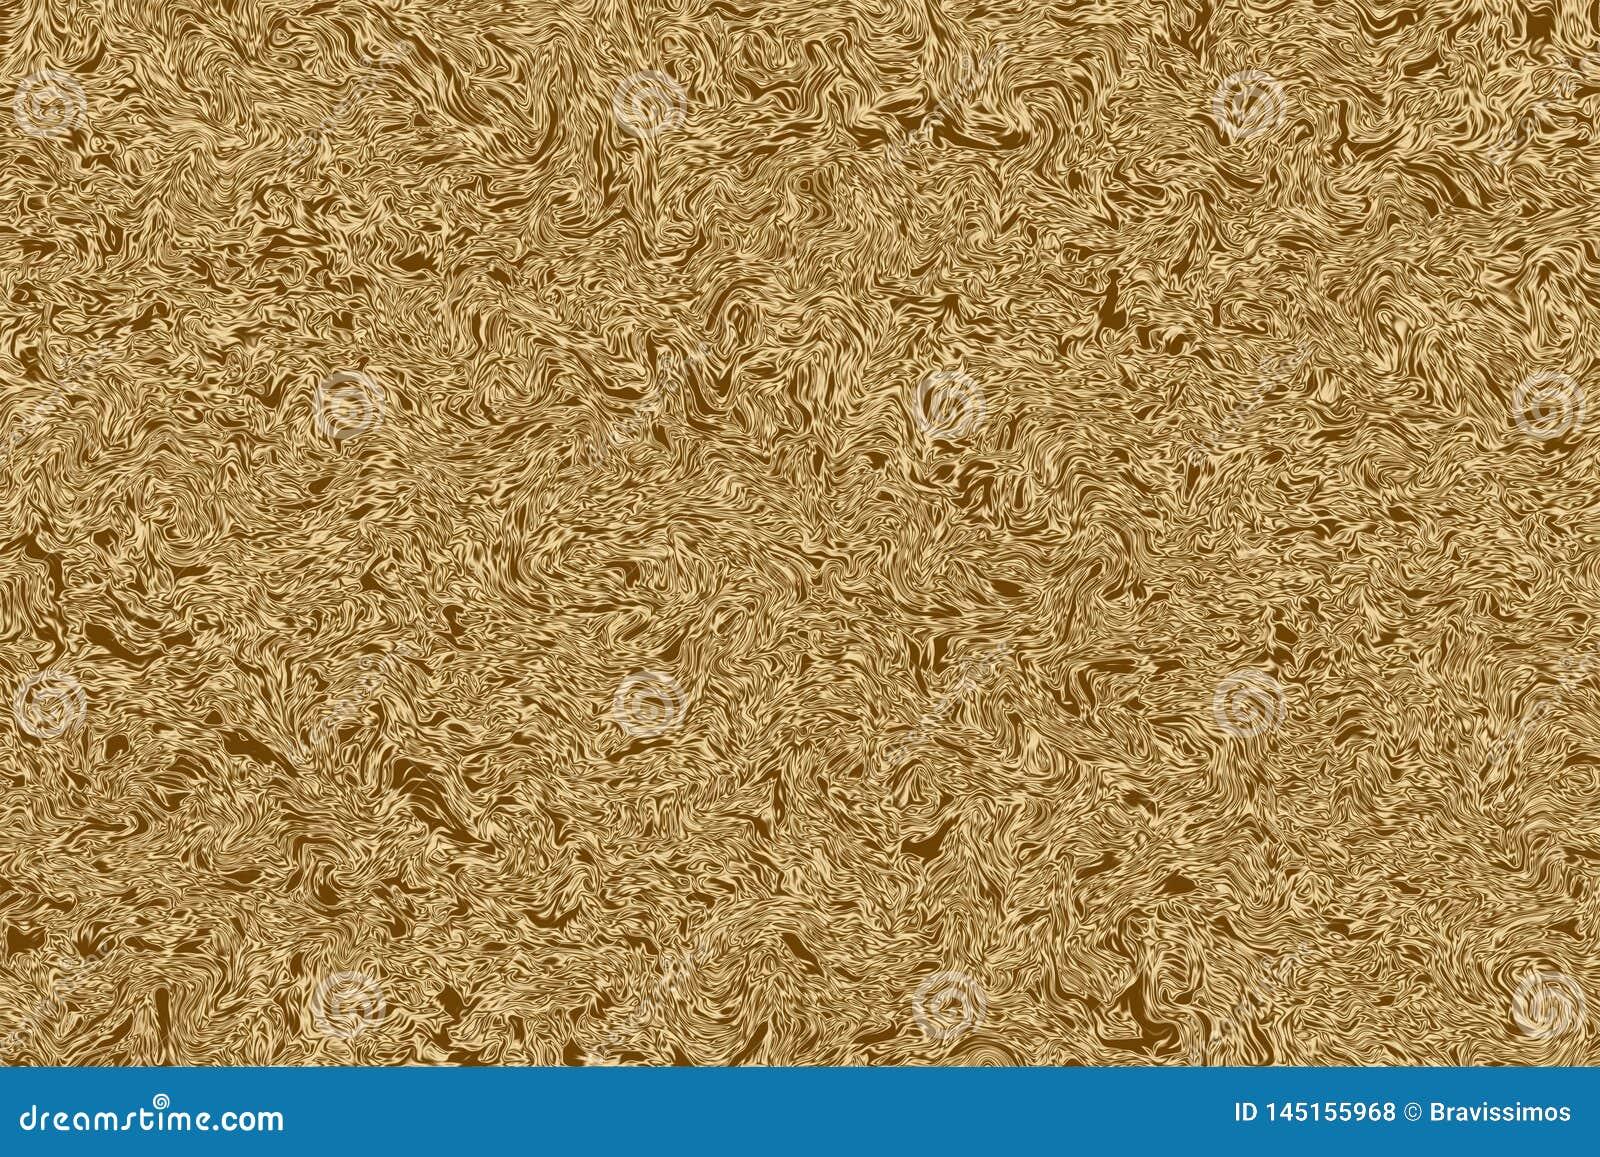 Złoty półkowy tło i błyszczący złocisty materiał, tekstura aliaż